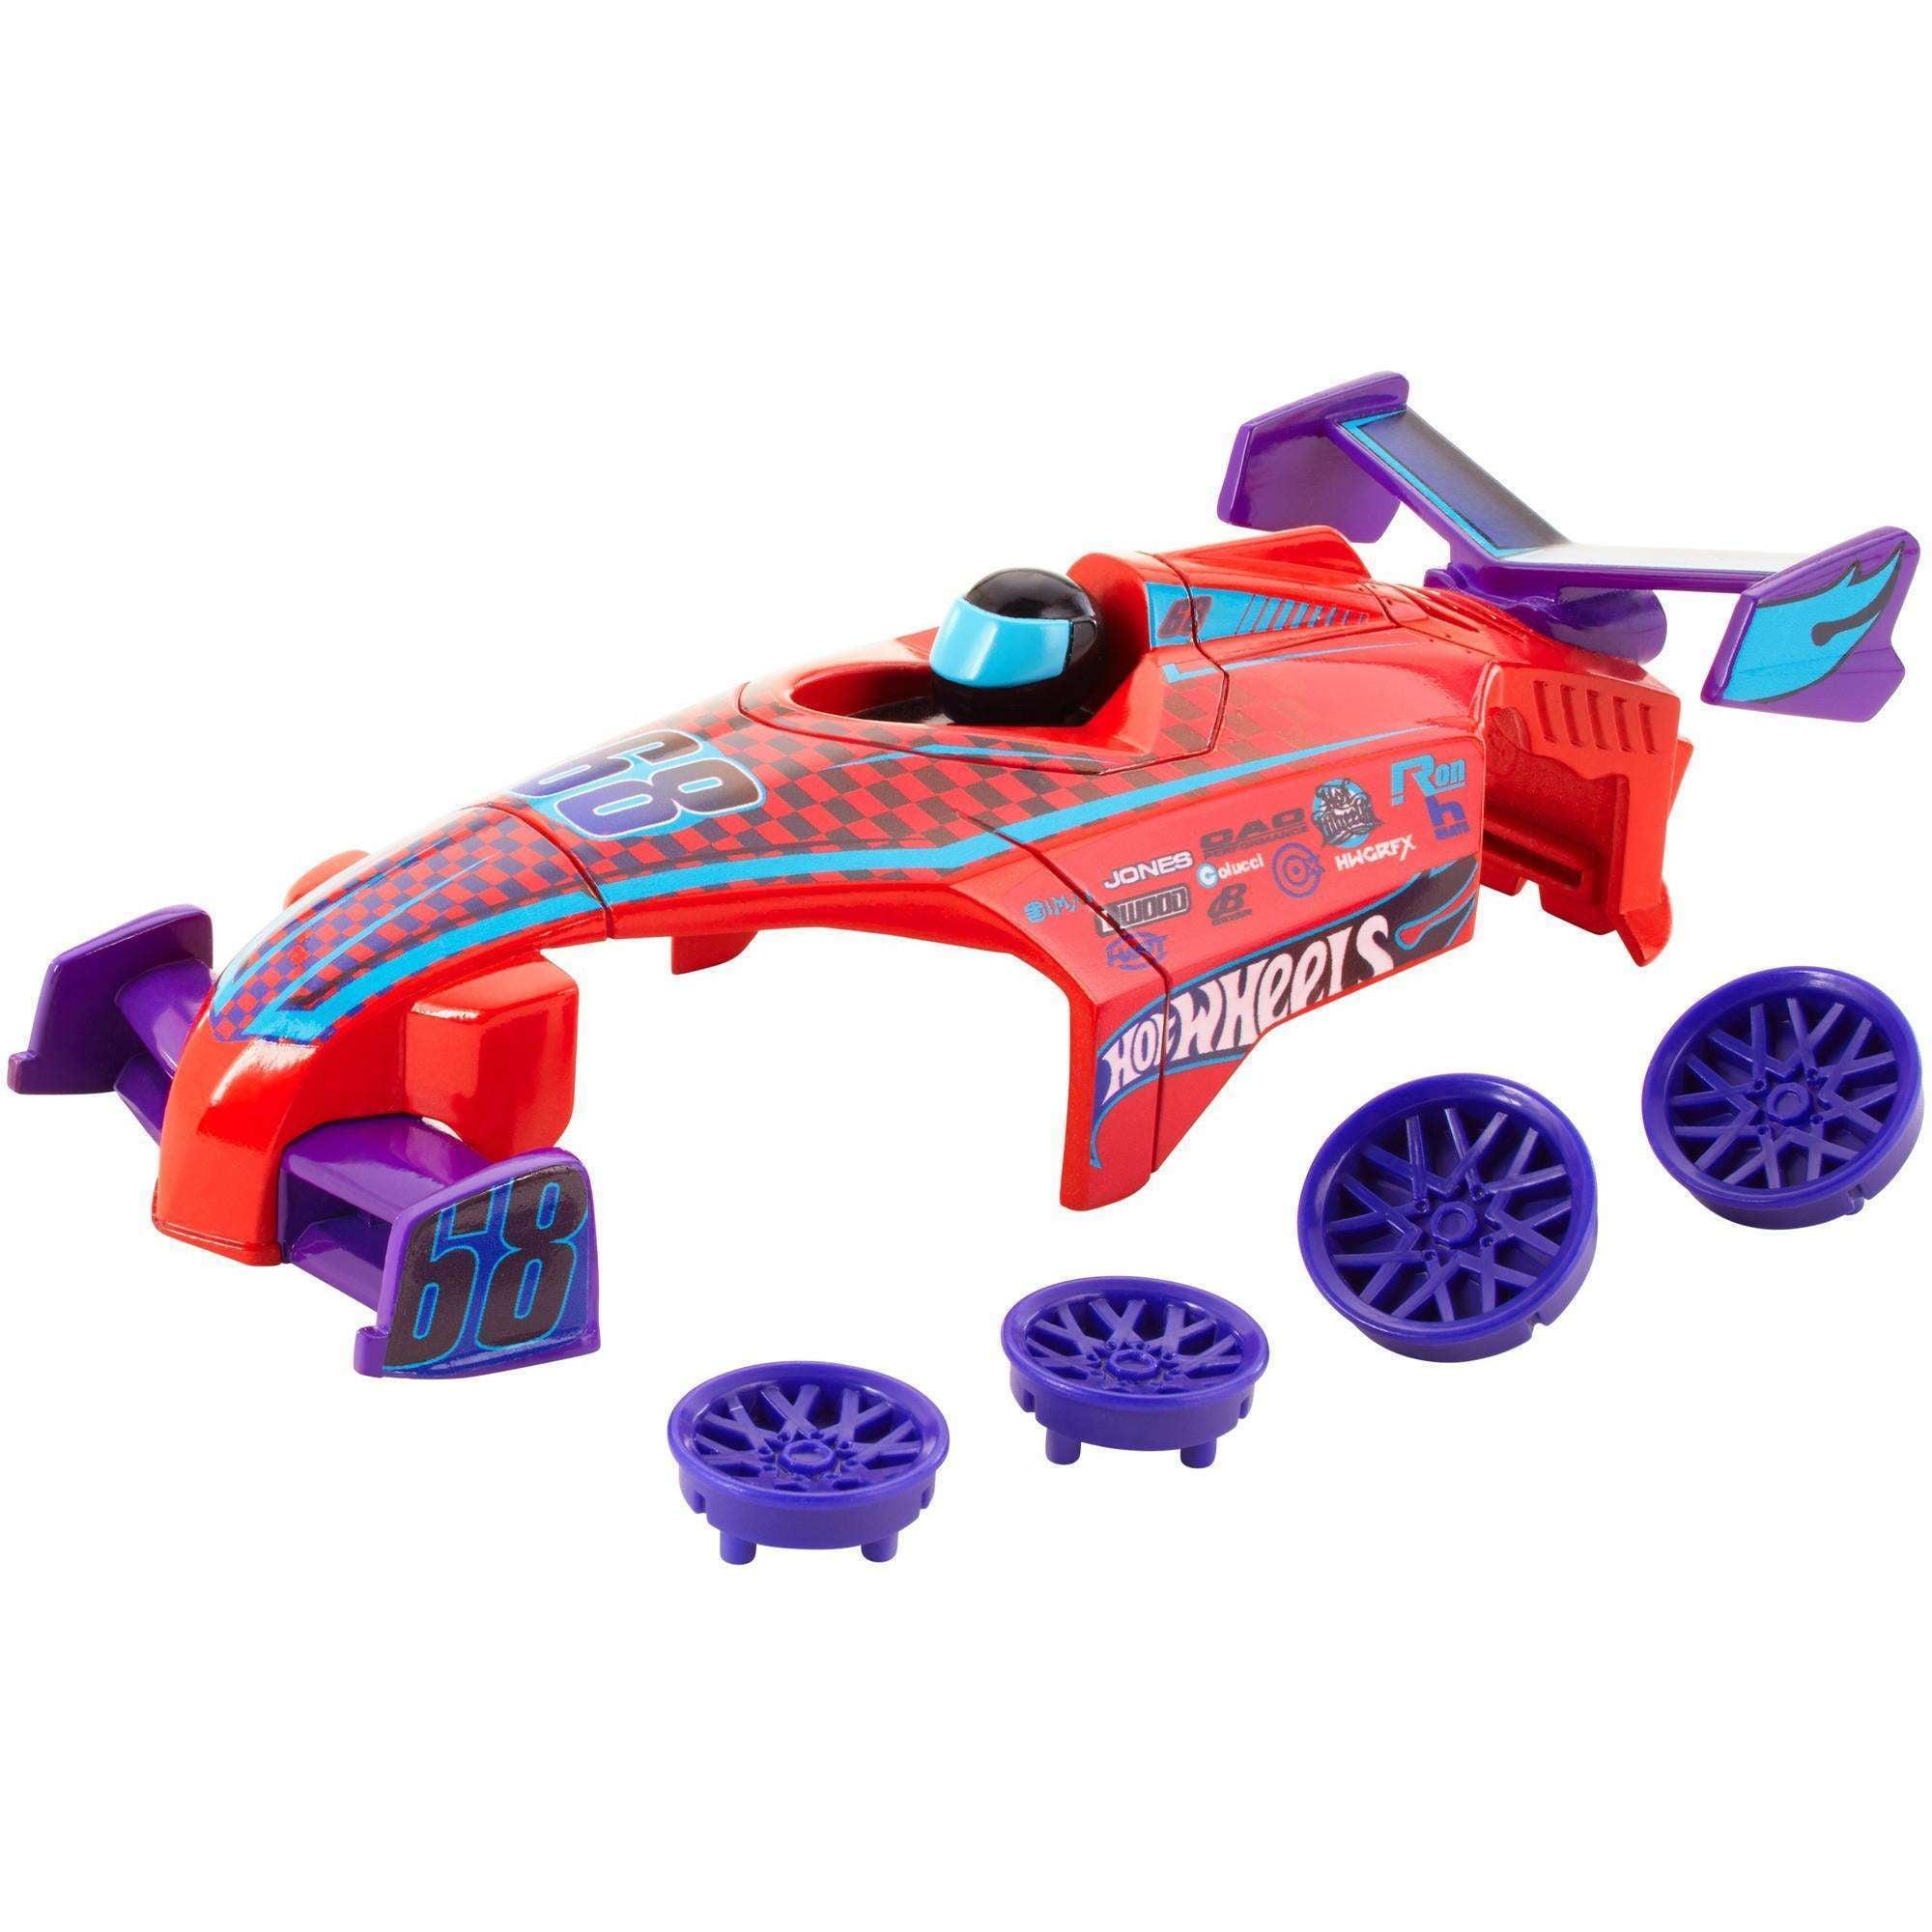 Hot Wheels A.i. Hyper Streak Car Body & Wheels Custom Kit by Mattel